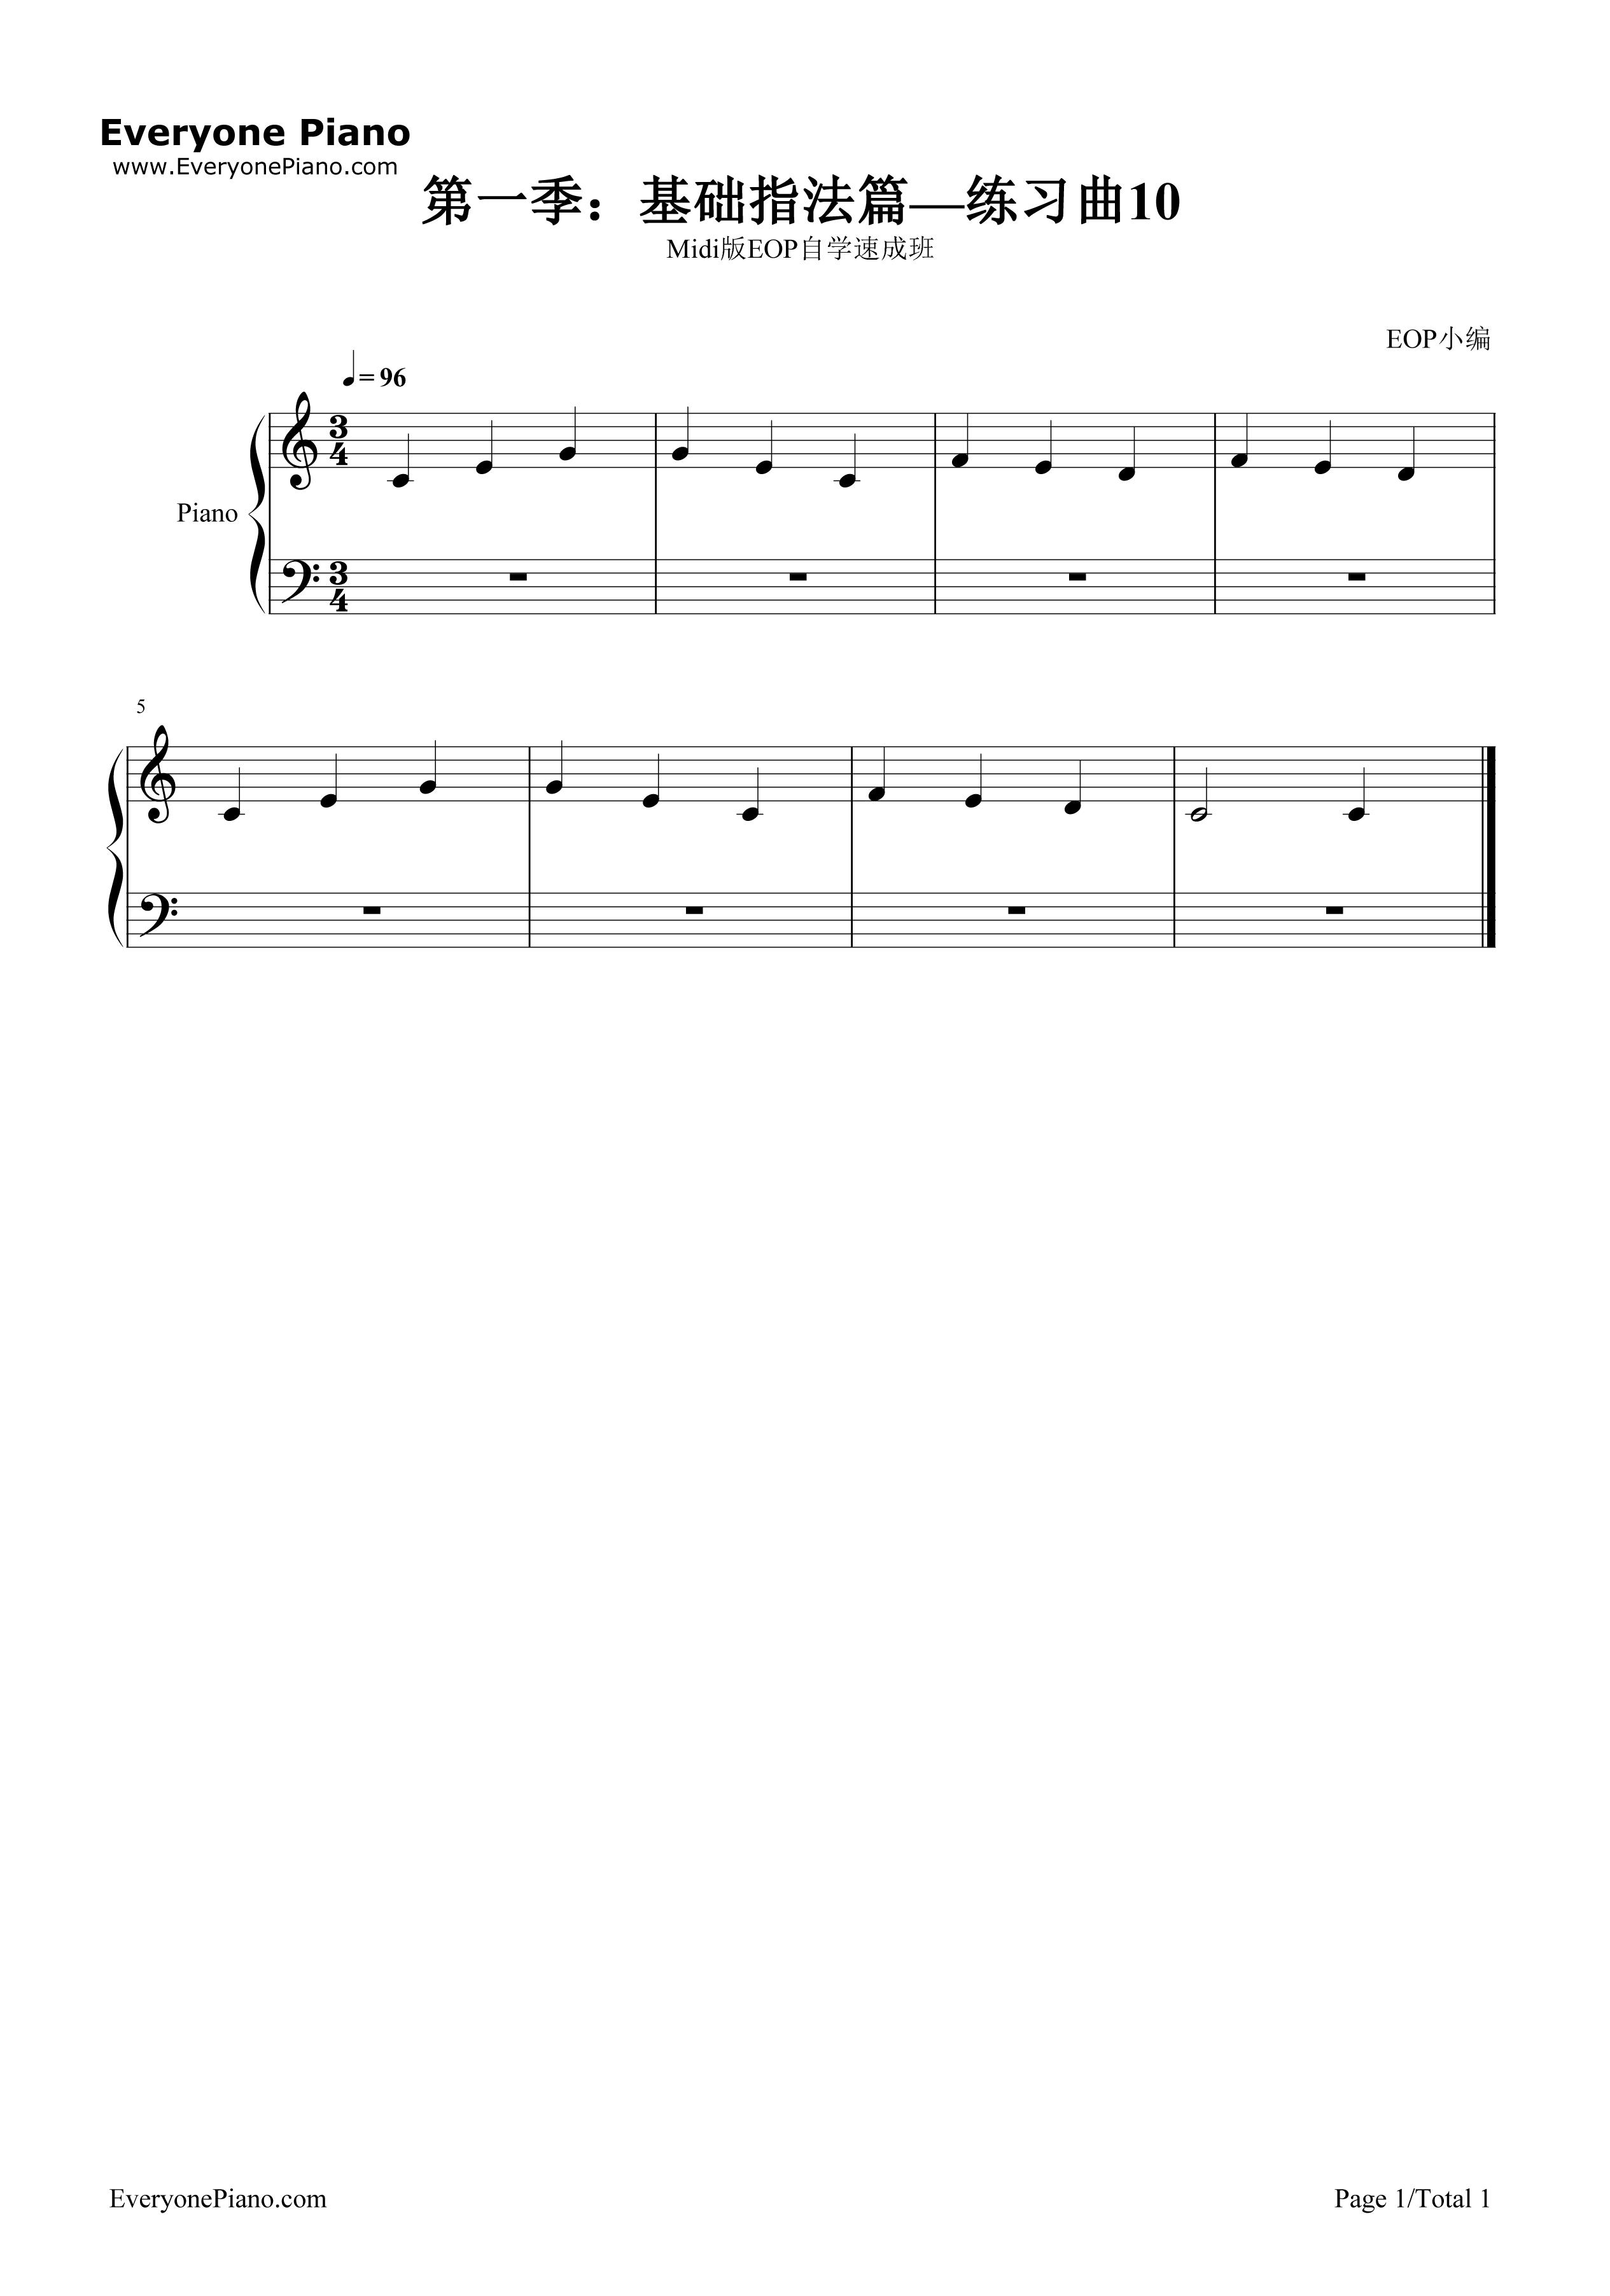 钢琴曲谱 练习曲 练习曲10-midi版eop自学速成班第一季:基础指法篇